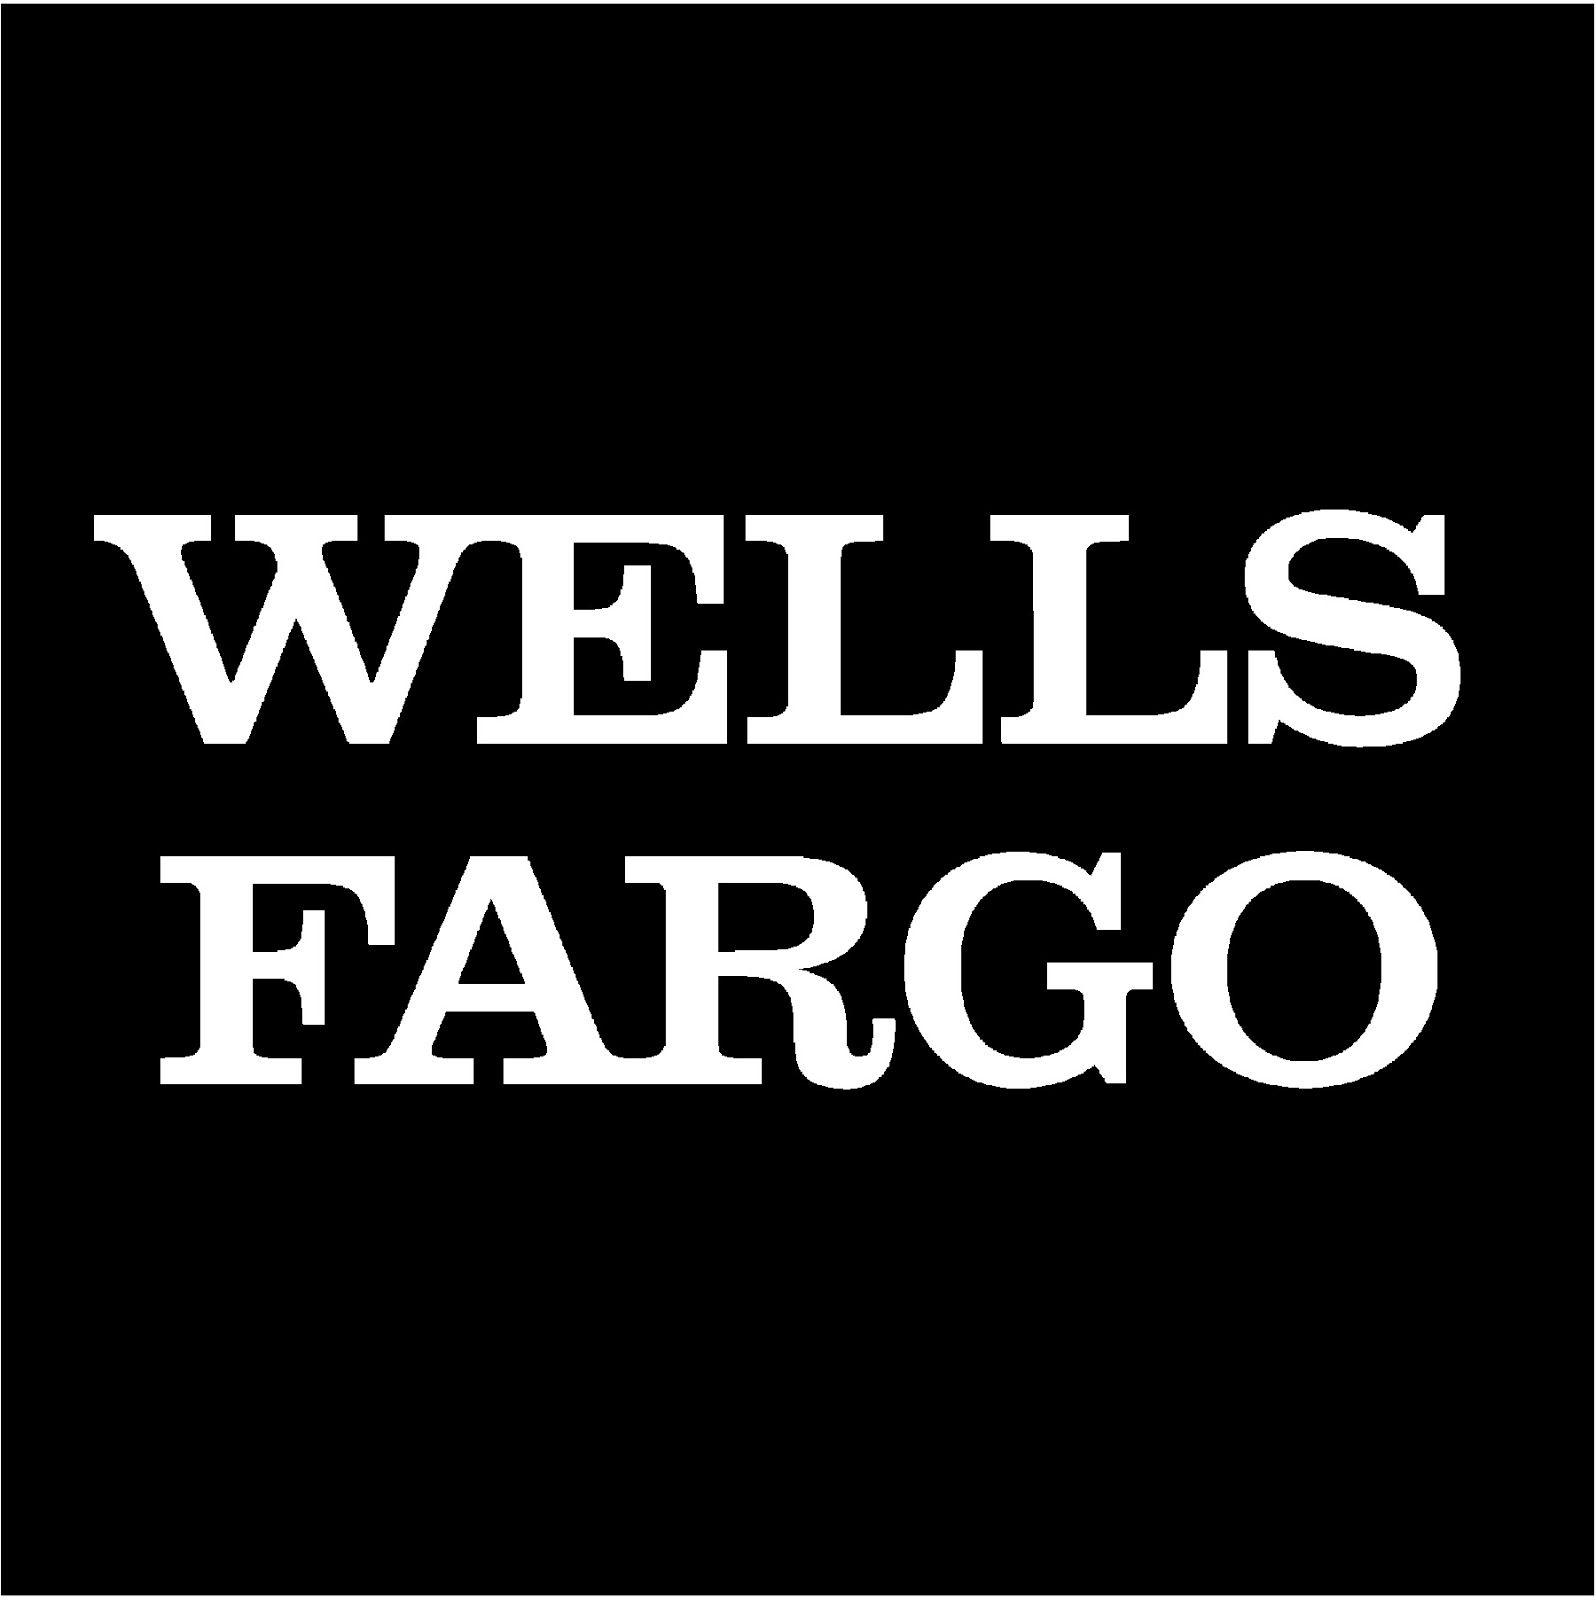 wells-fargo.jpg (1596×1600)